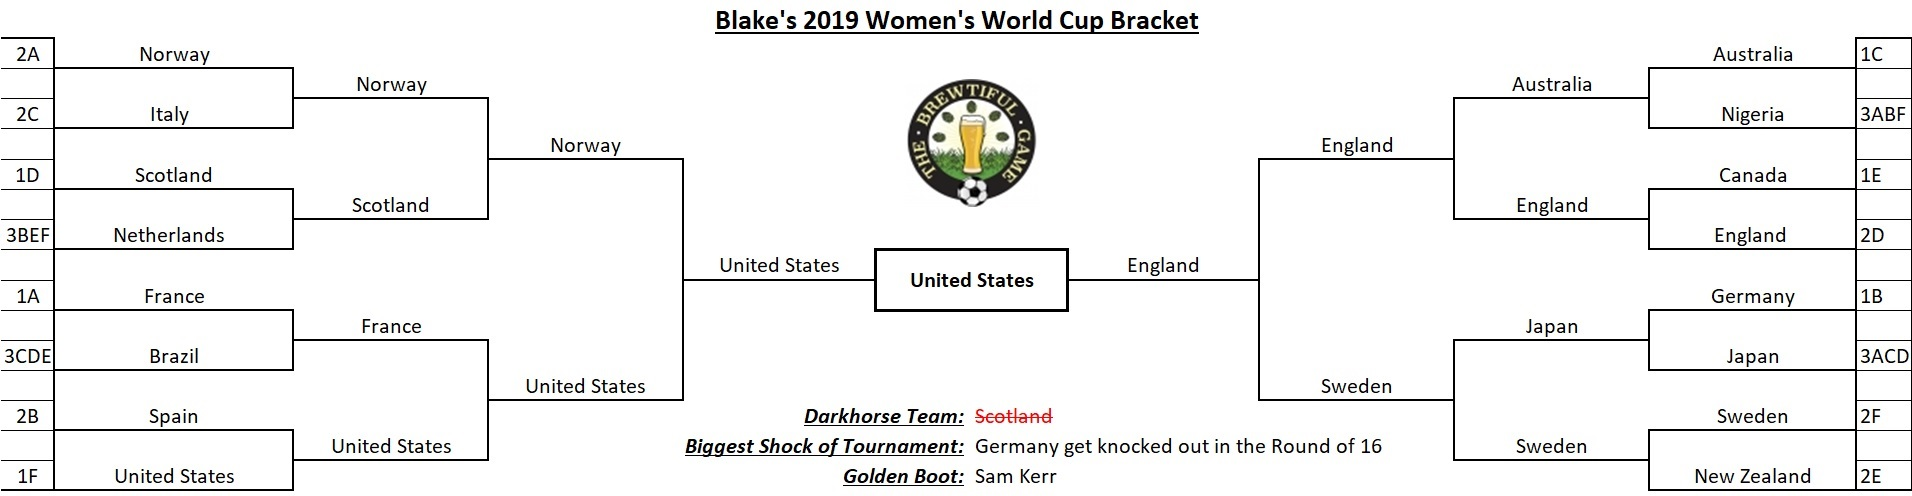 Blake's 2018 Brewtiful Beer Bracket - Final.jpg